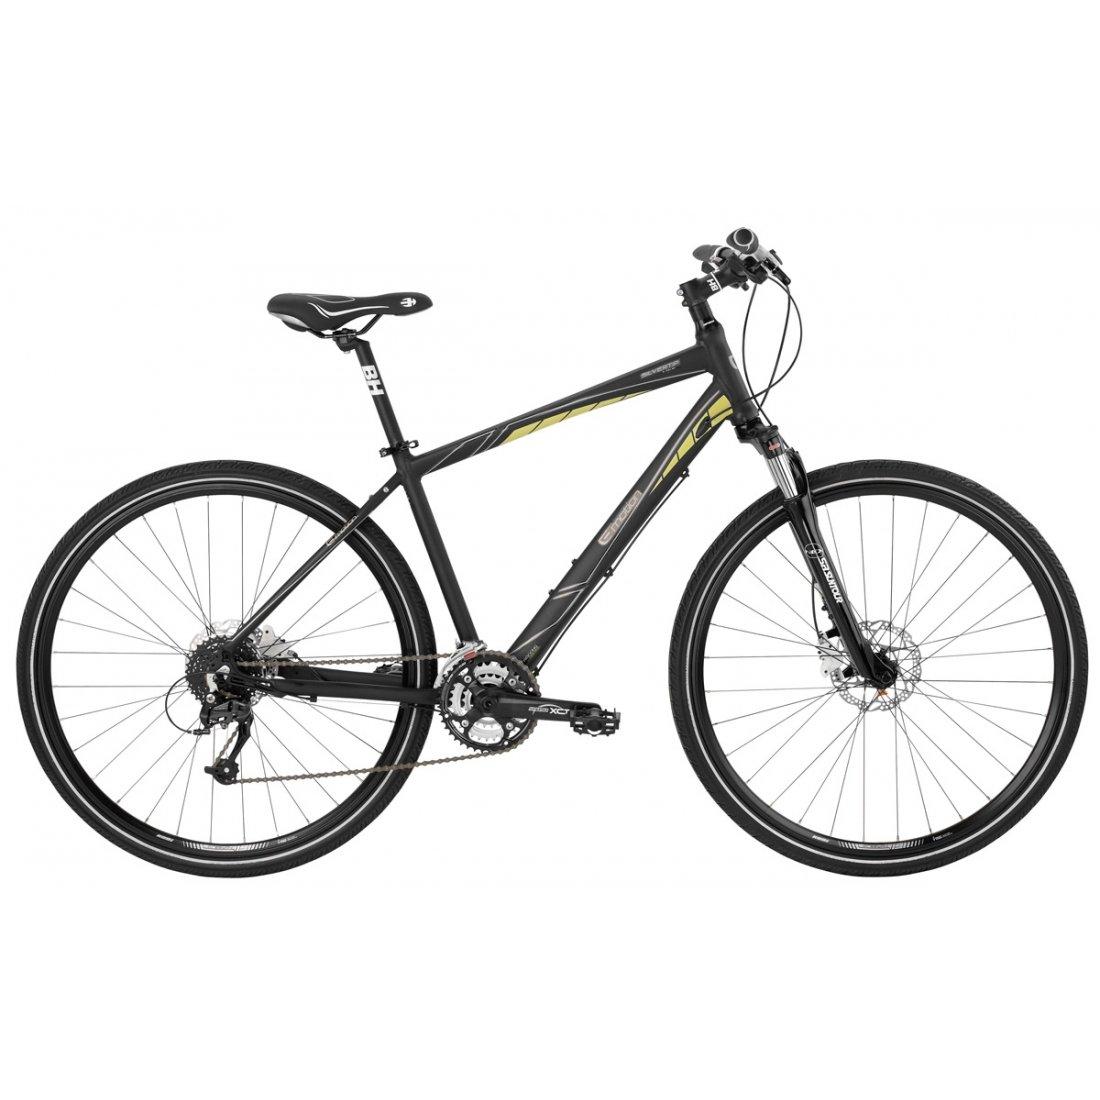 Bicicleta de montaña para hombre BH SILVERTIP Pro 2016-M: Amazon.es: Deportes y aire libre